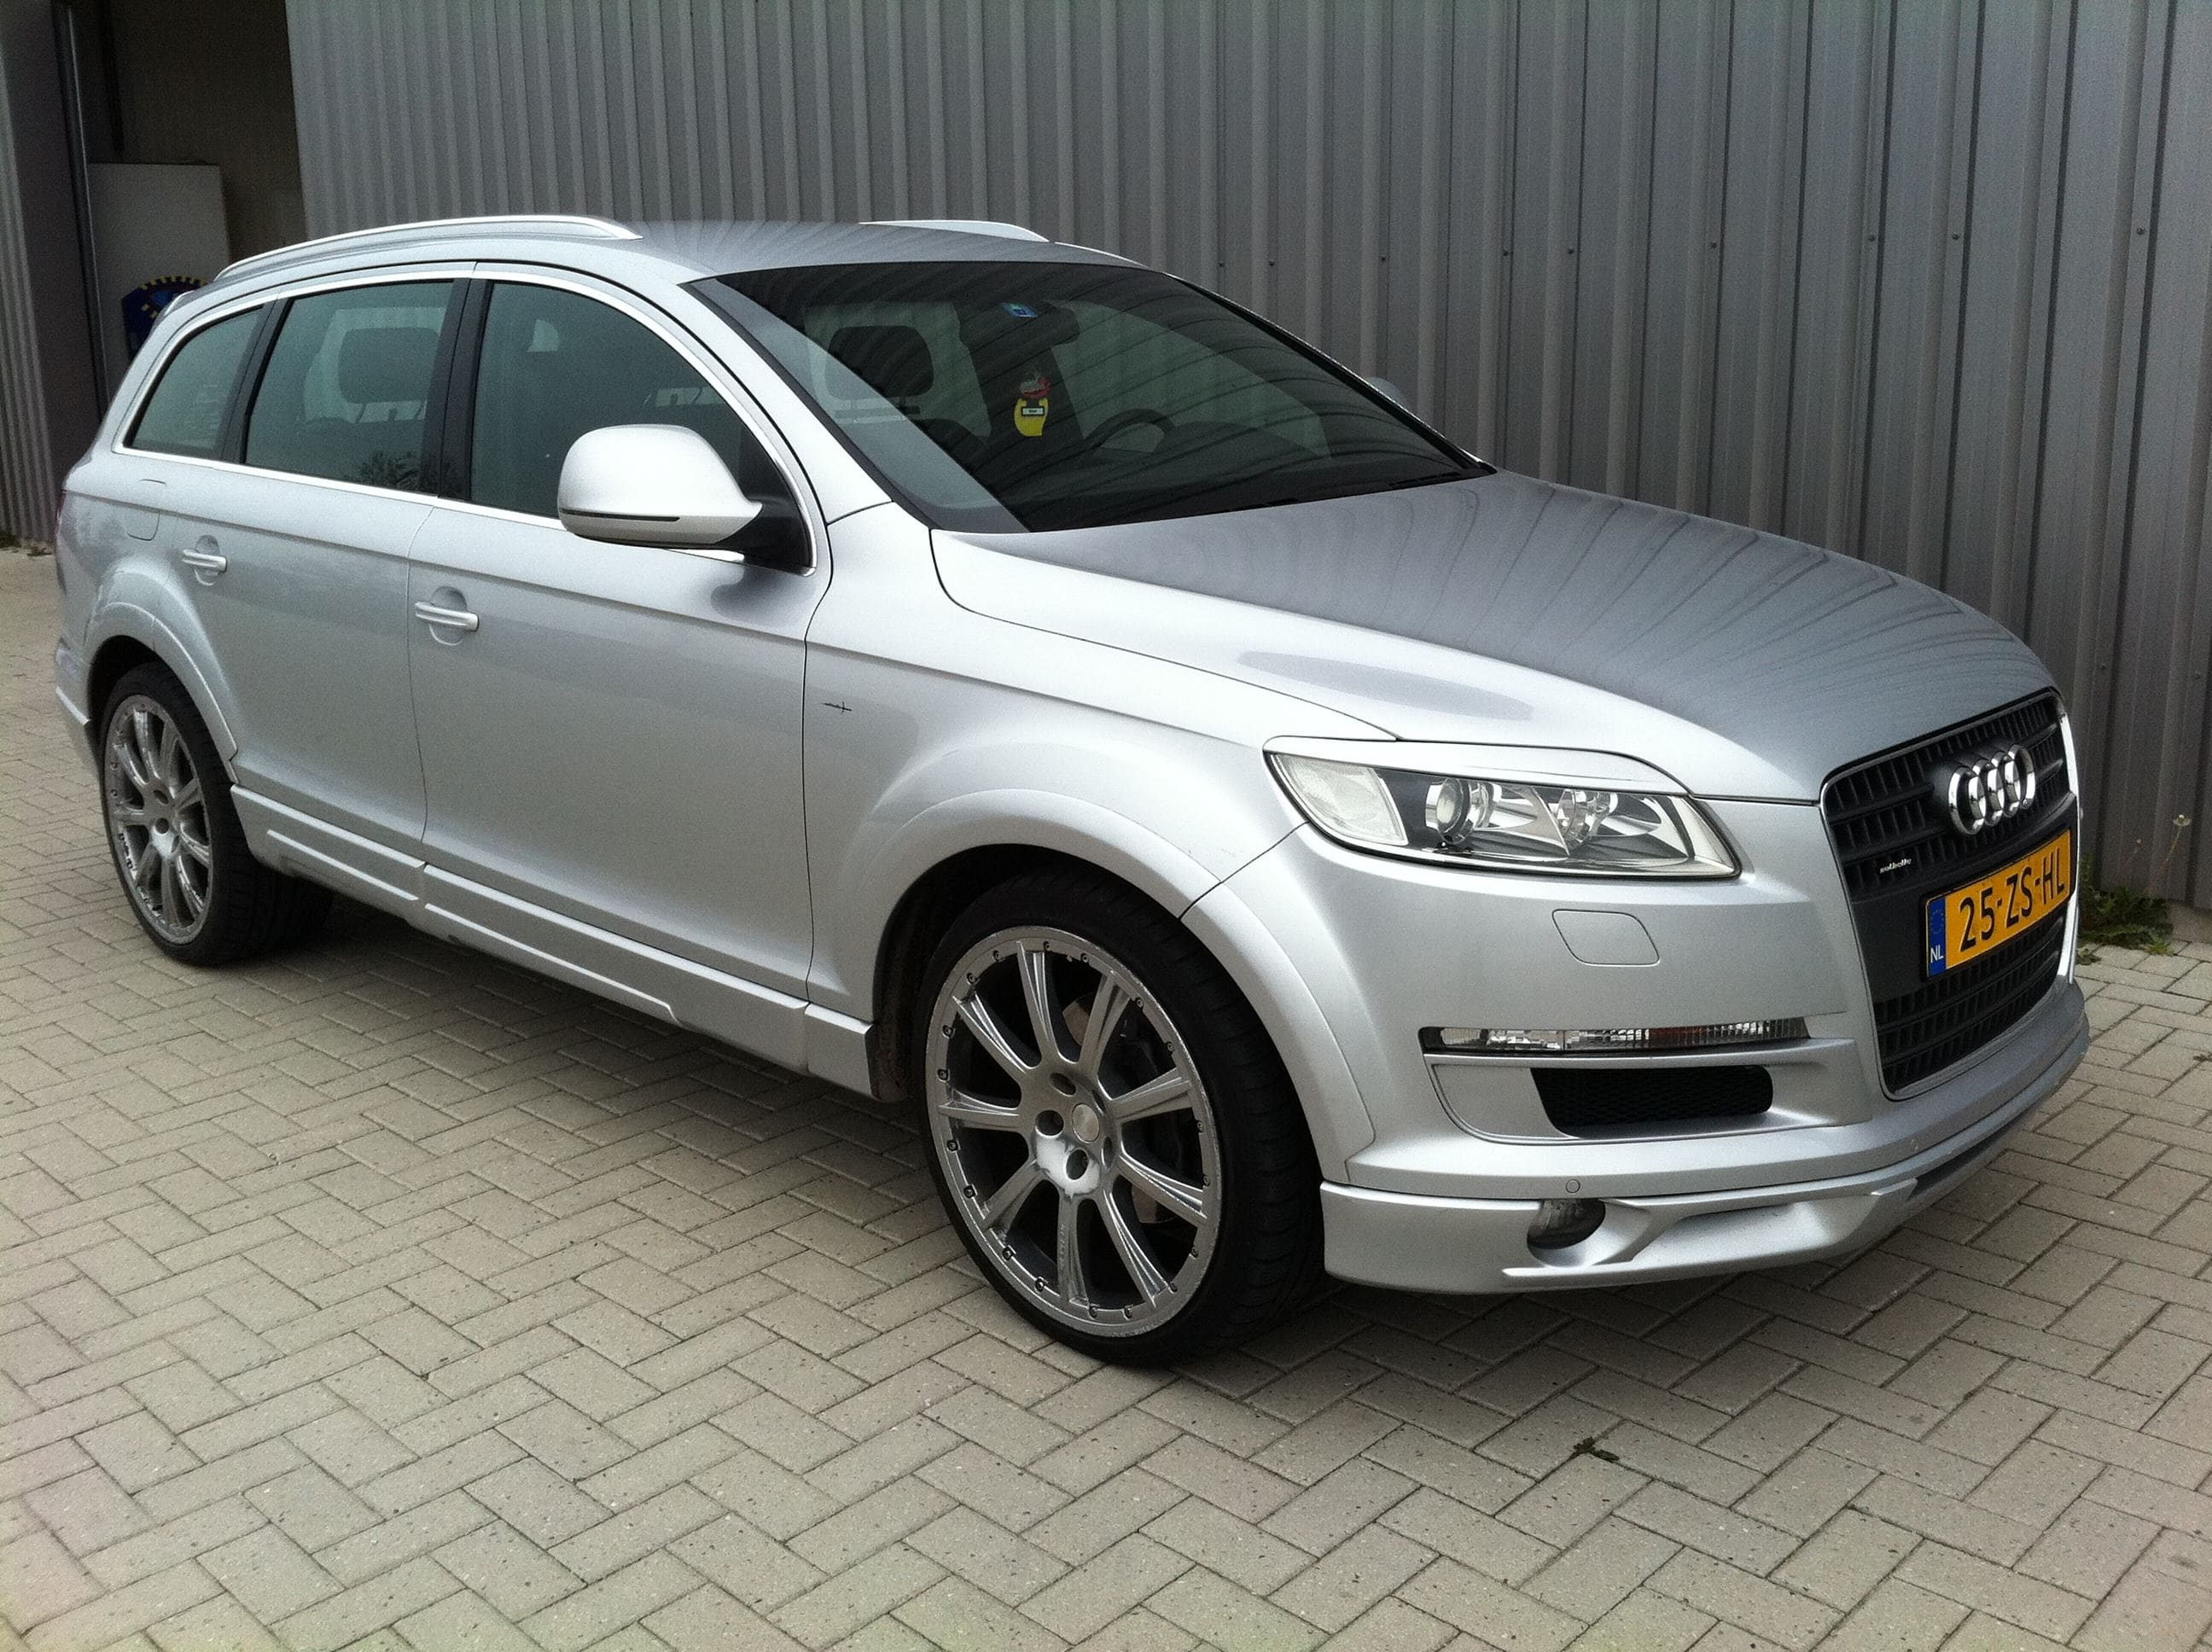 Audi Q7 met Mat Witte Wrap, Carwrapping door Wrapmyride.nu Foto-nr:4917, ©2021